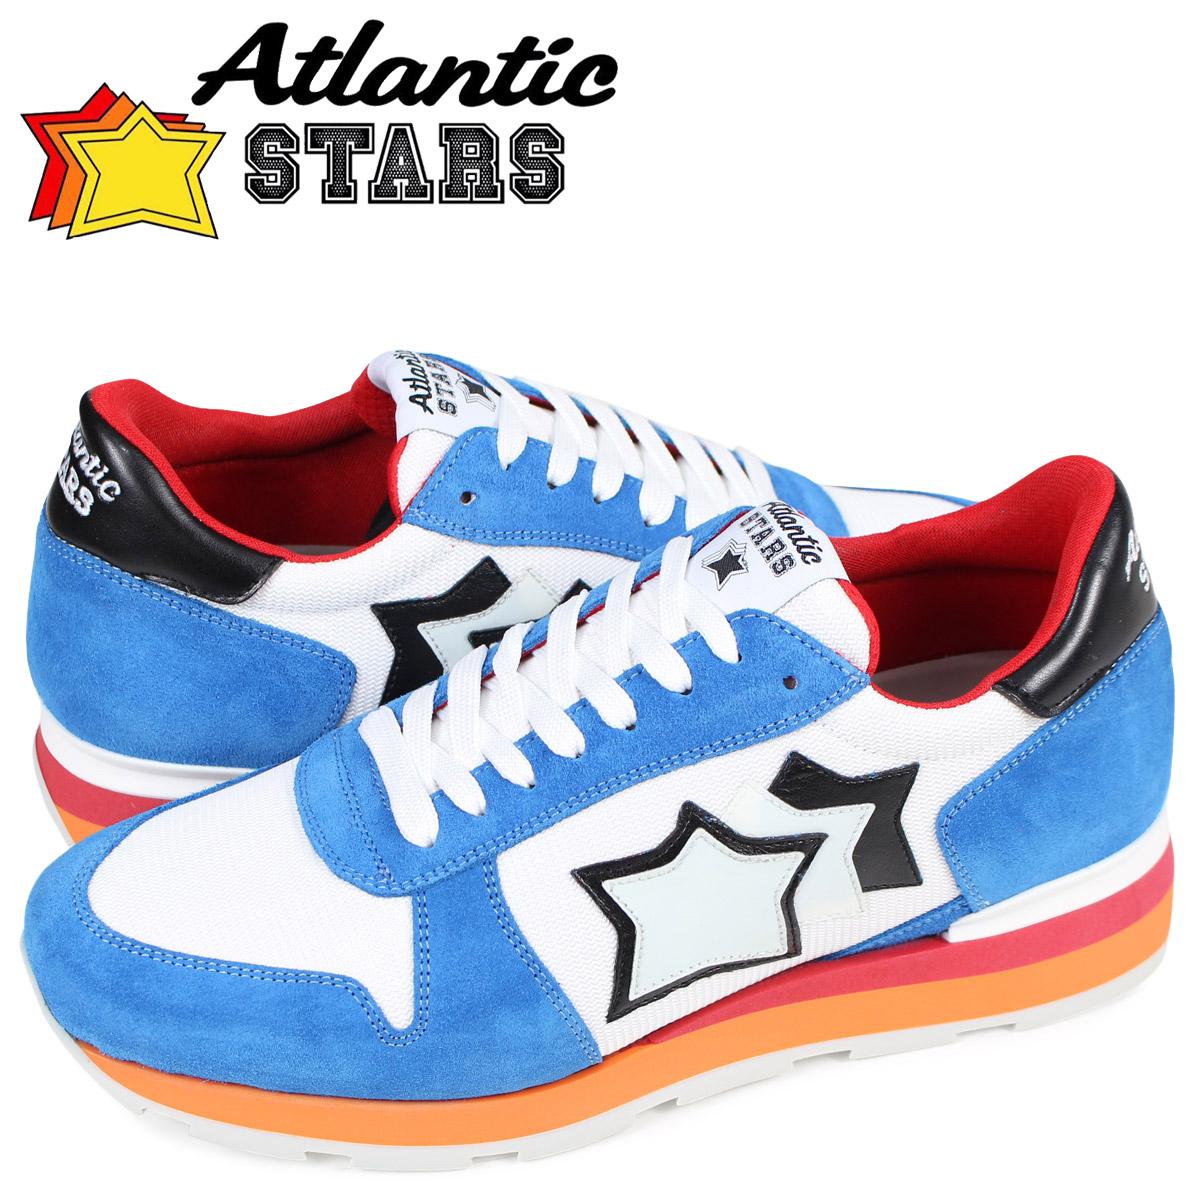 アトランティックスターズ Atlantic STARS Atlantic シリウス スニーカー スニーカー メンズ SIRIUS AB-85B ホワイト ホワイト, 【2018A/W新作★送料無料】:695e5a4a --- ww.thecollagist.com